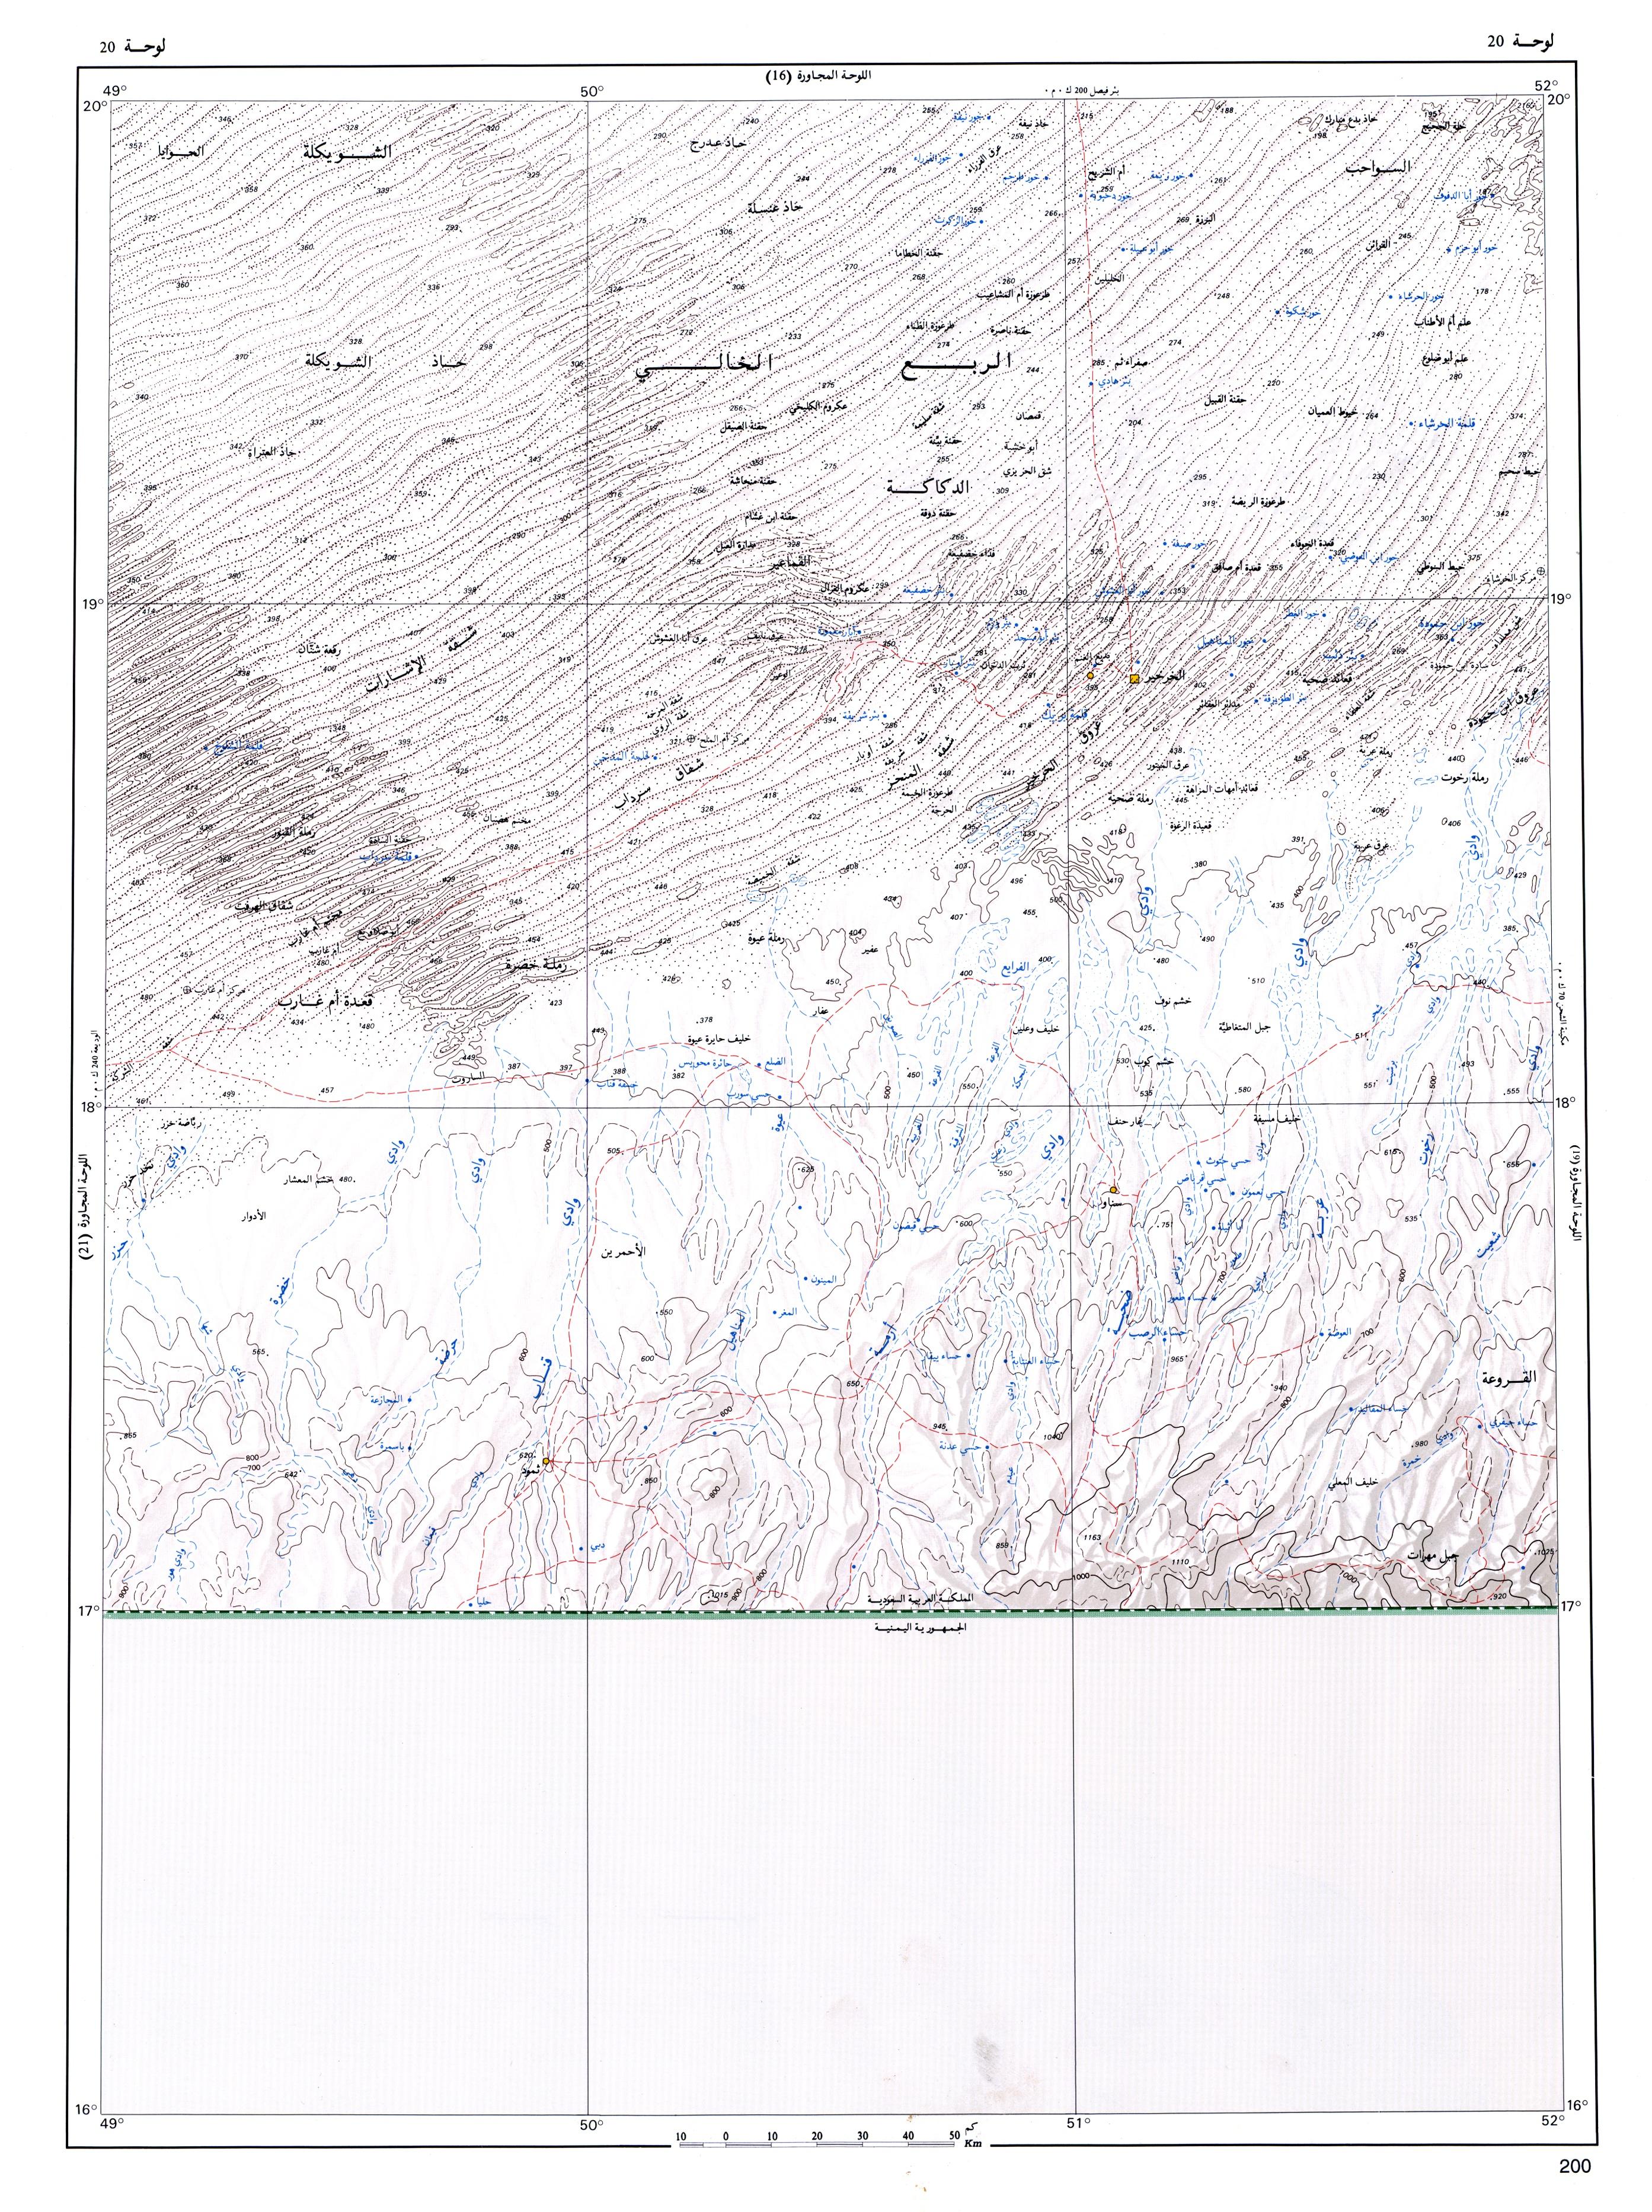 خرائط لمدن المملكة العربية السعودية Fig-20.jpg